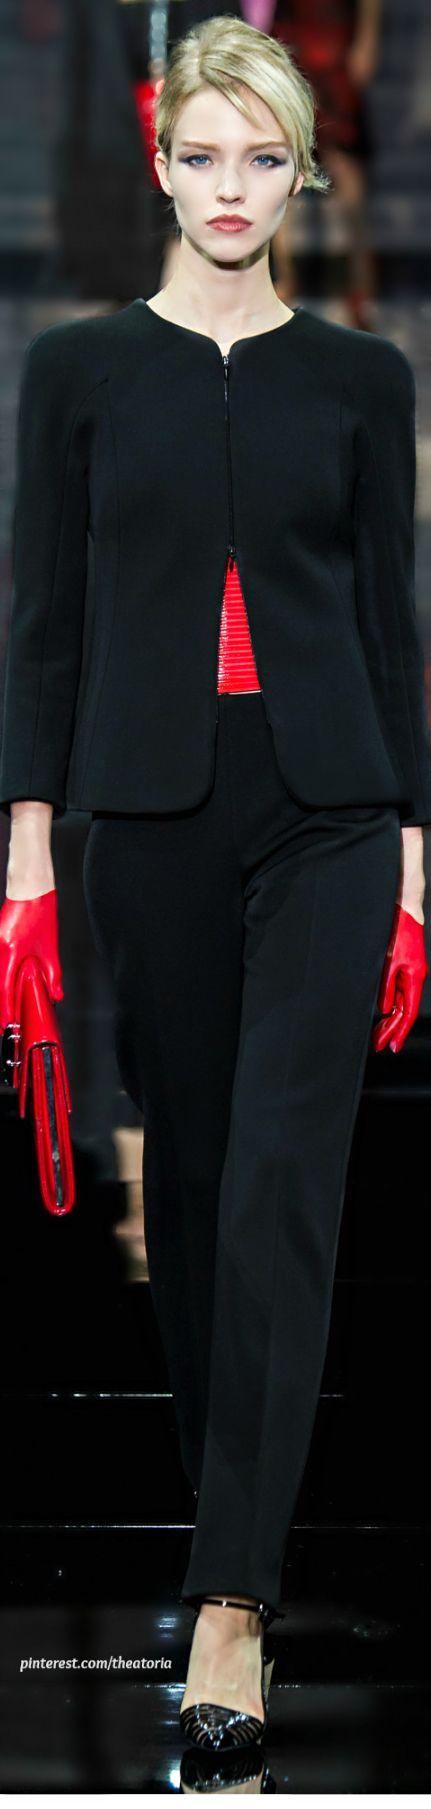 Giorgio armani priv haute couture fw 2014 15 beautifuls for Haute couture members